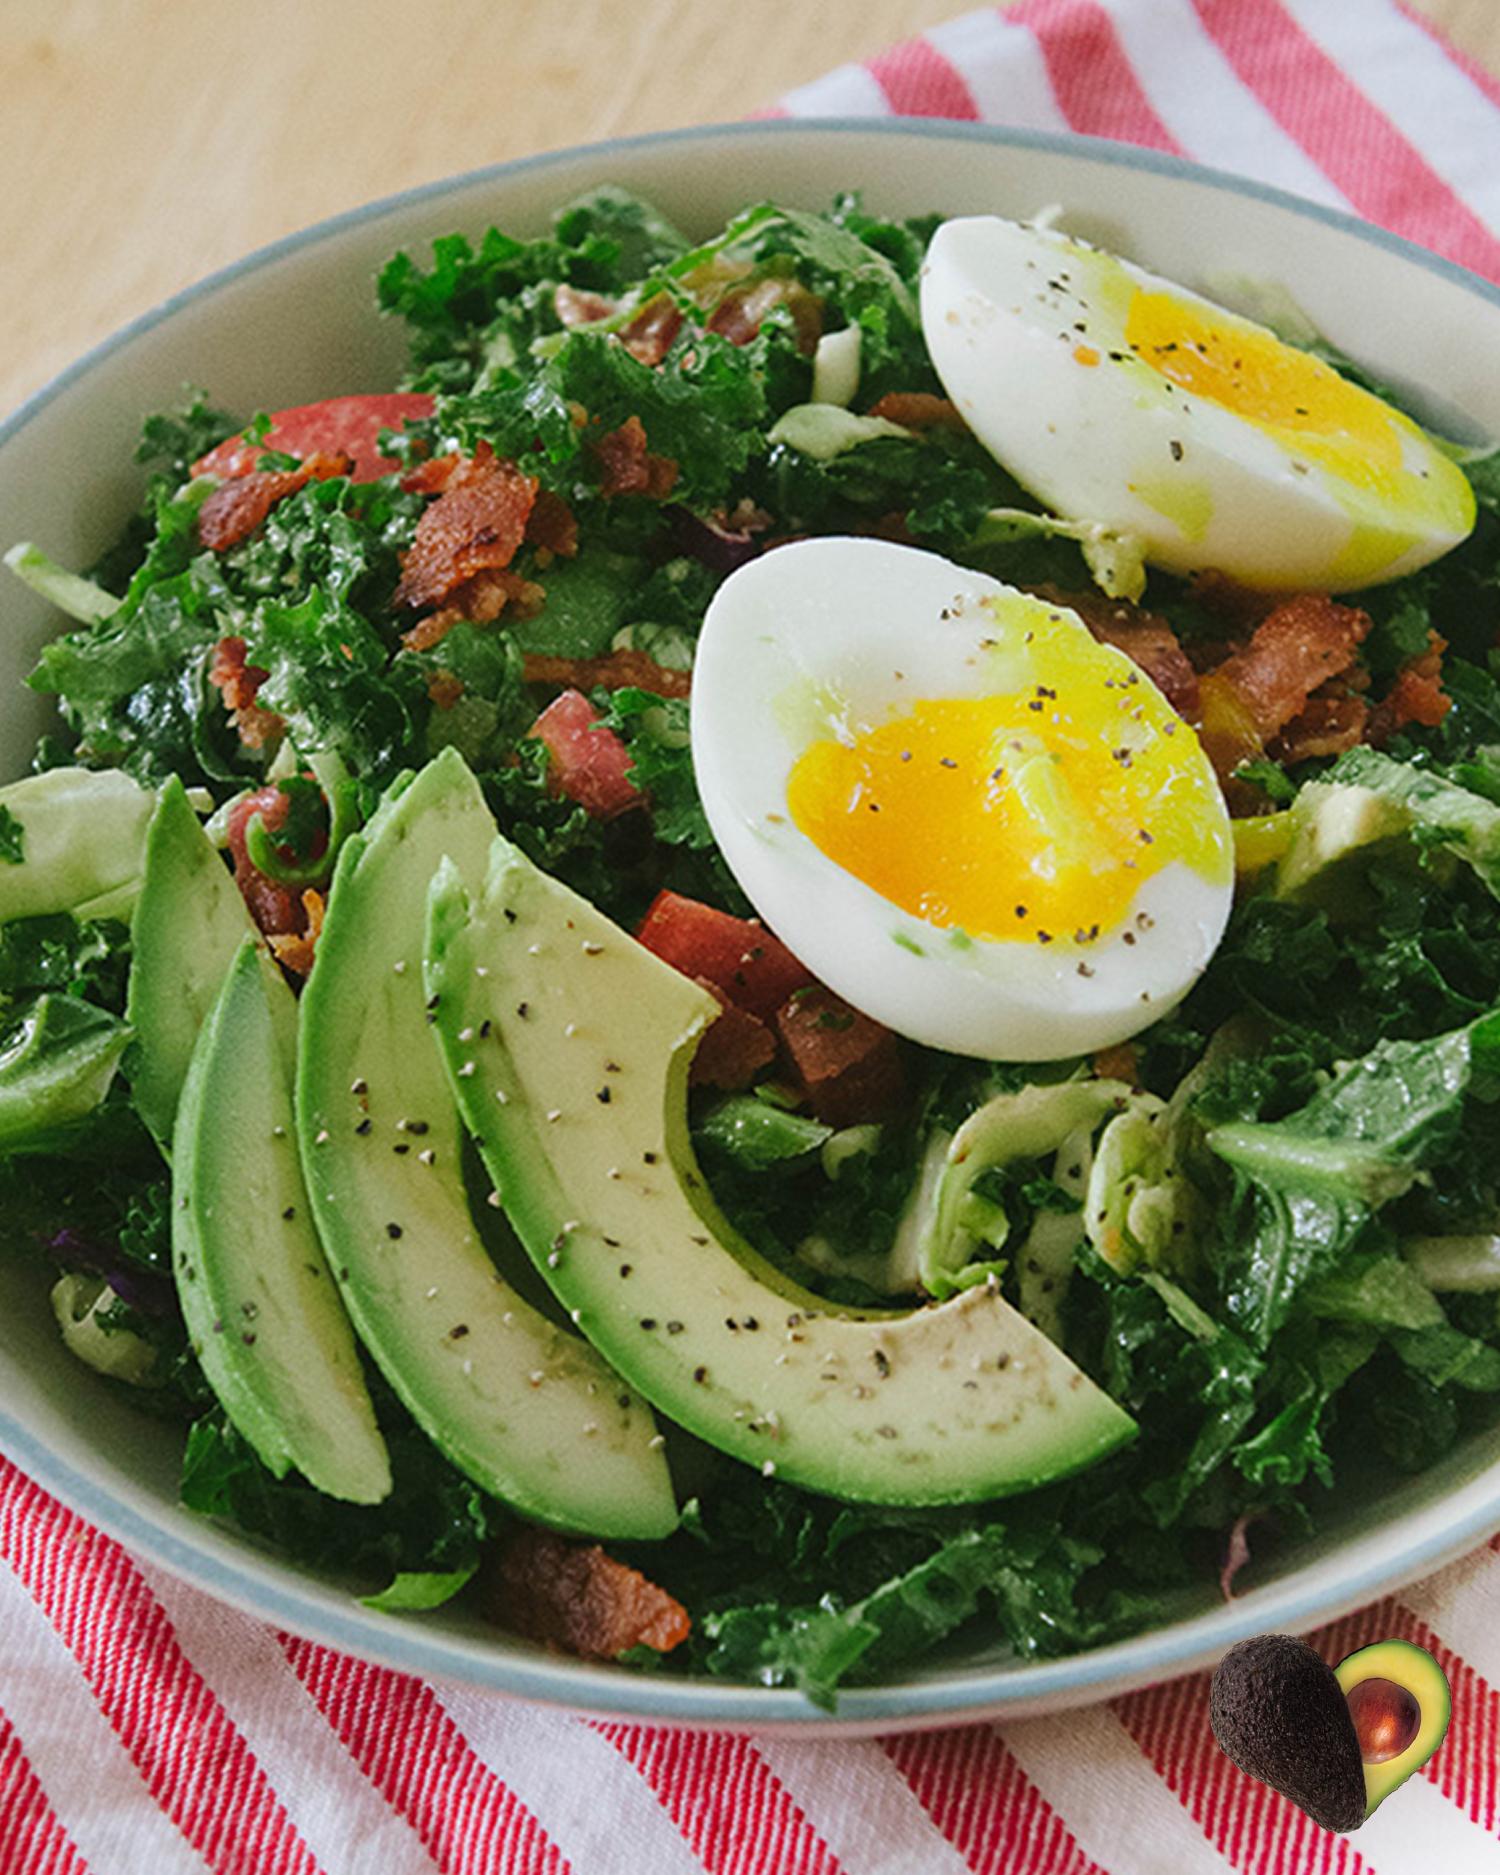 03-avocado-org-blt-breakfast-salad